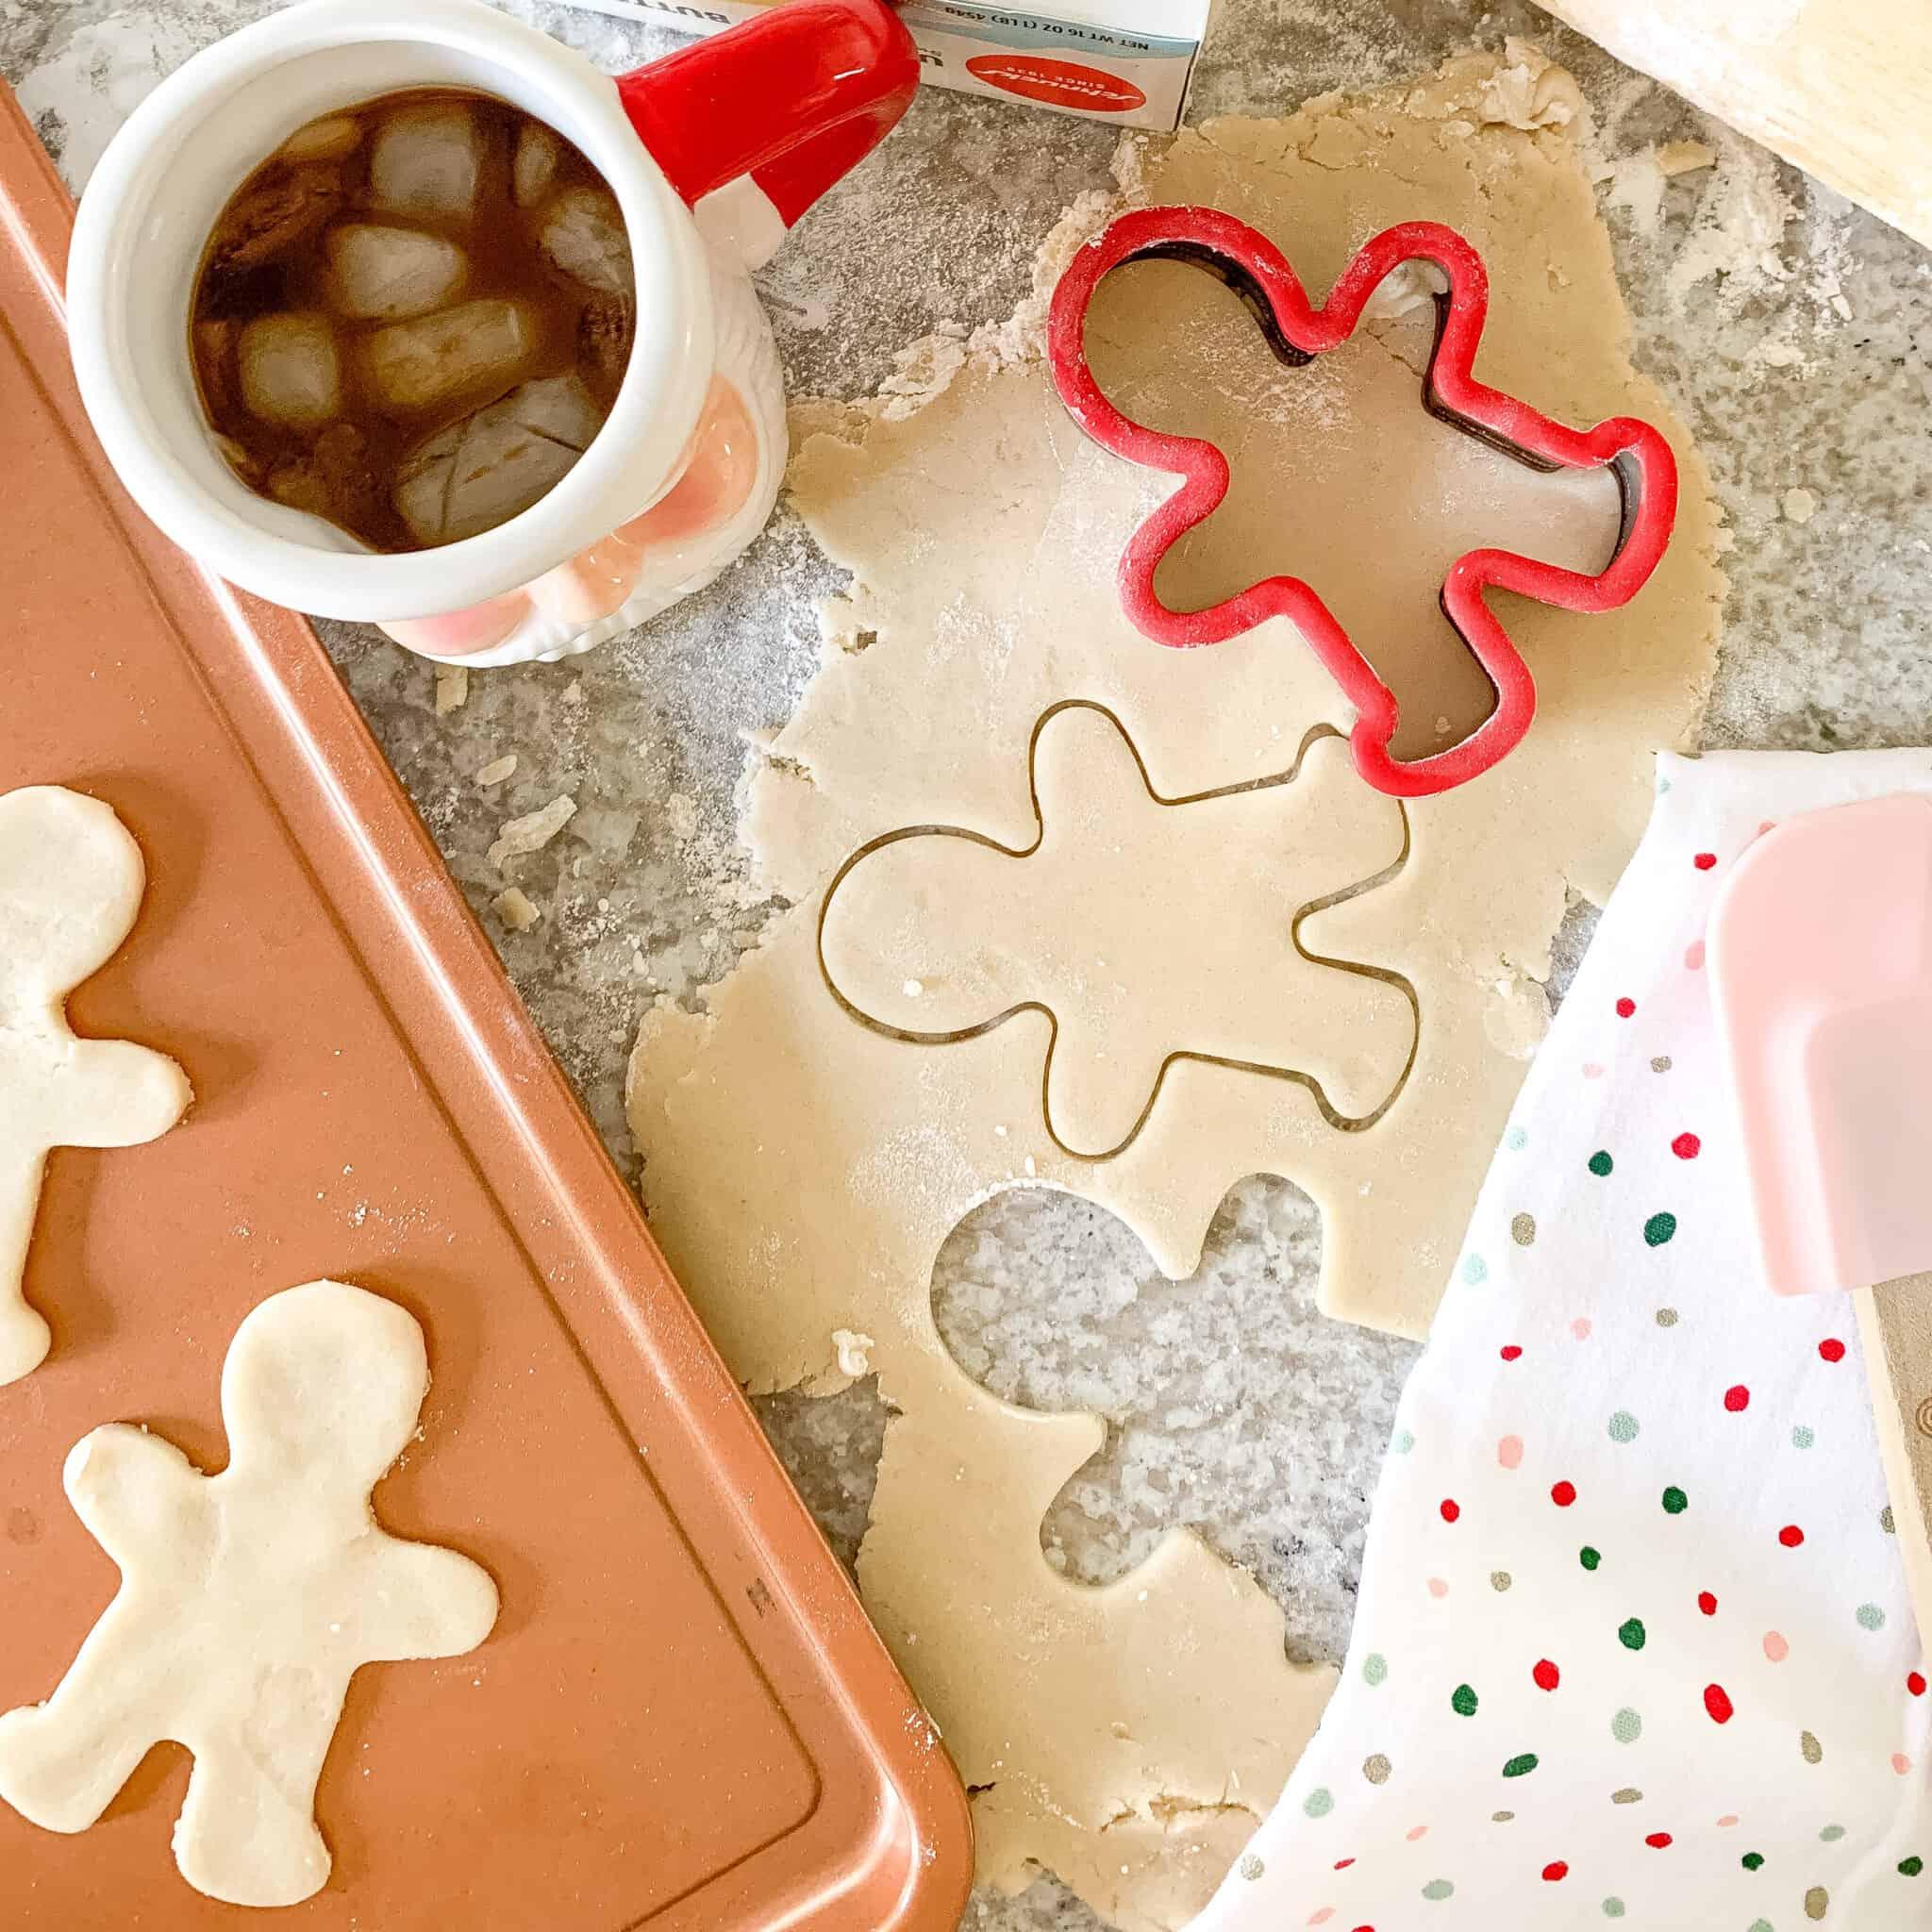 Sugar Cookies Being Baked